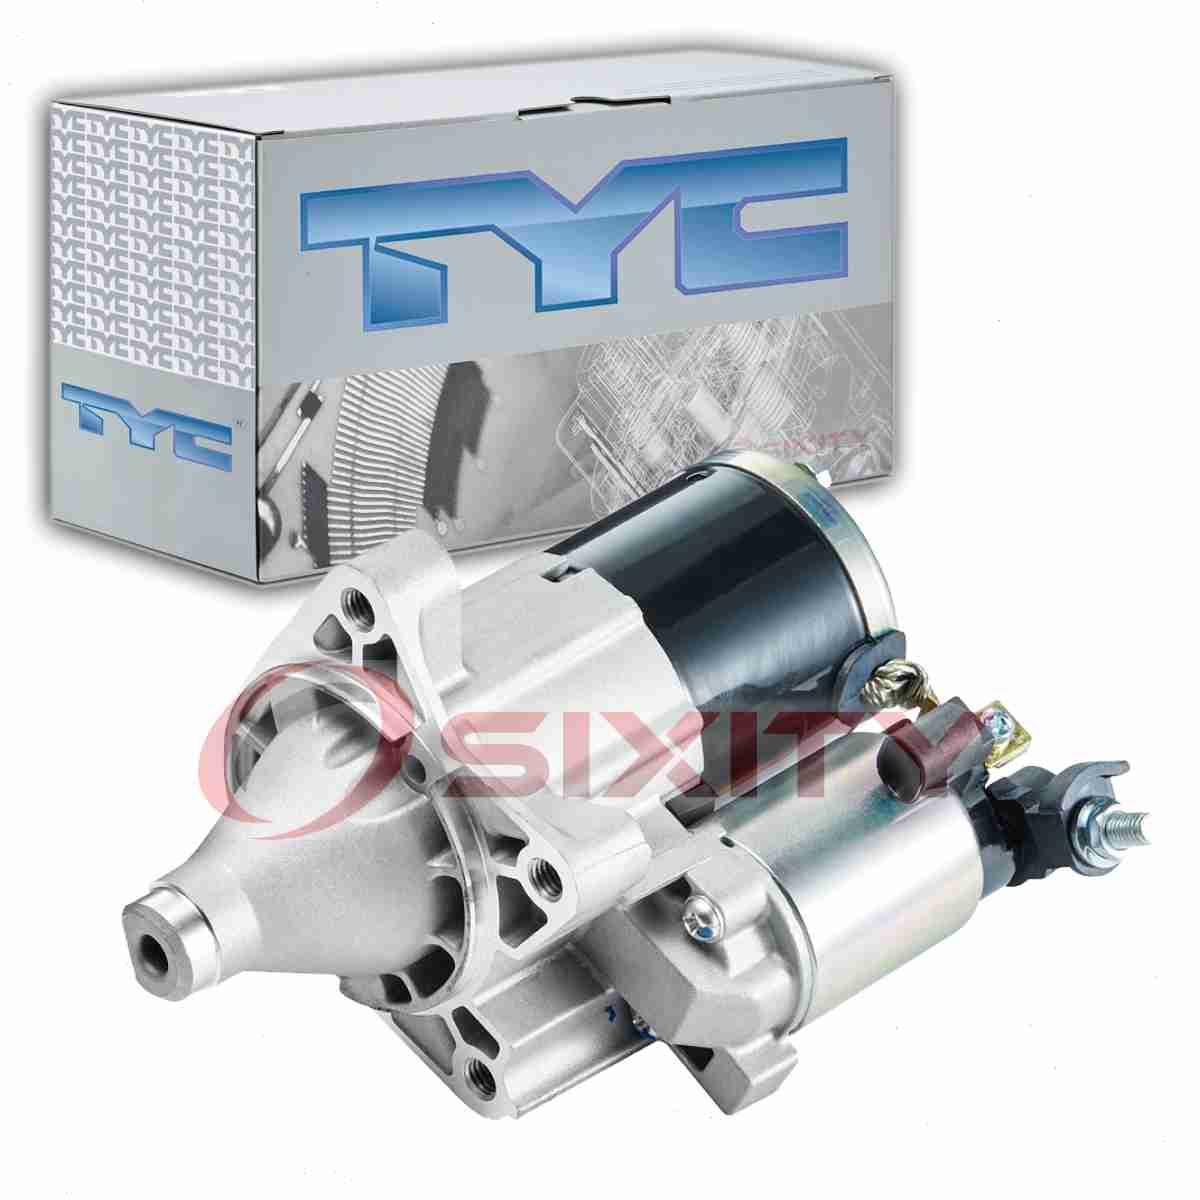 2010 Dodge Journey V6 Engine Diagram Electrical Wiring Diagrams Honda 3 5l Starter Complete U2022 1997 Ram 2500